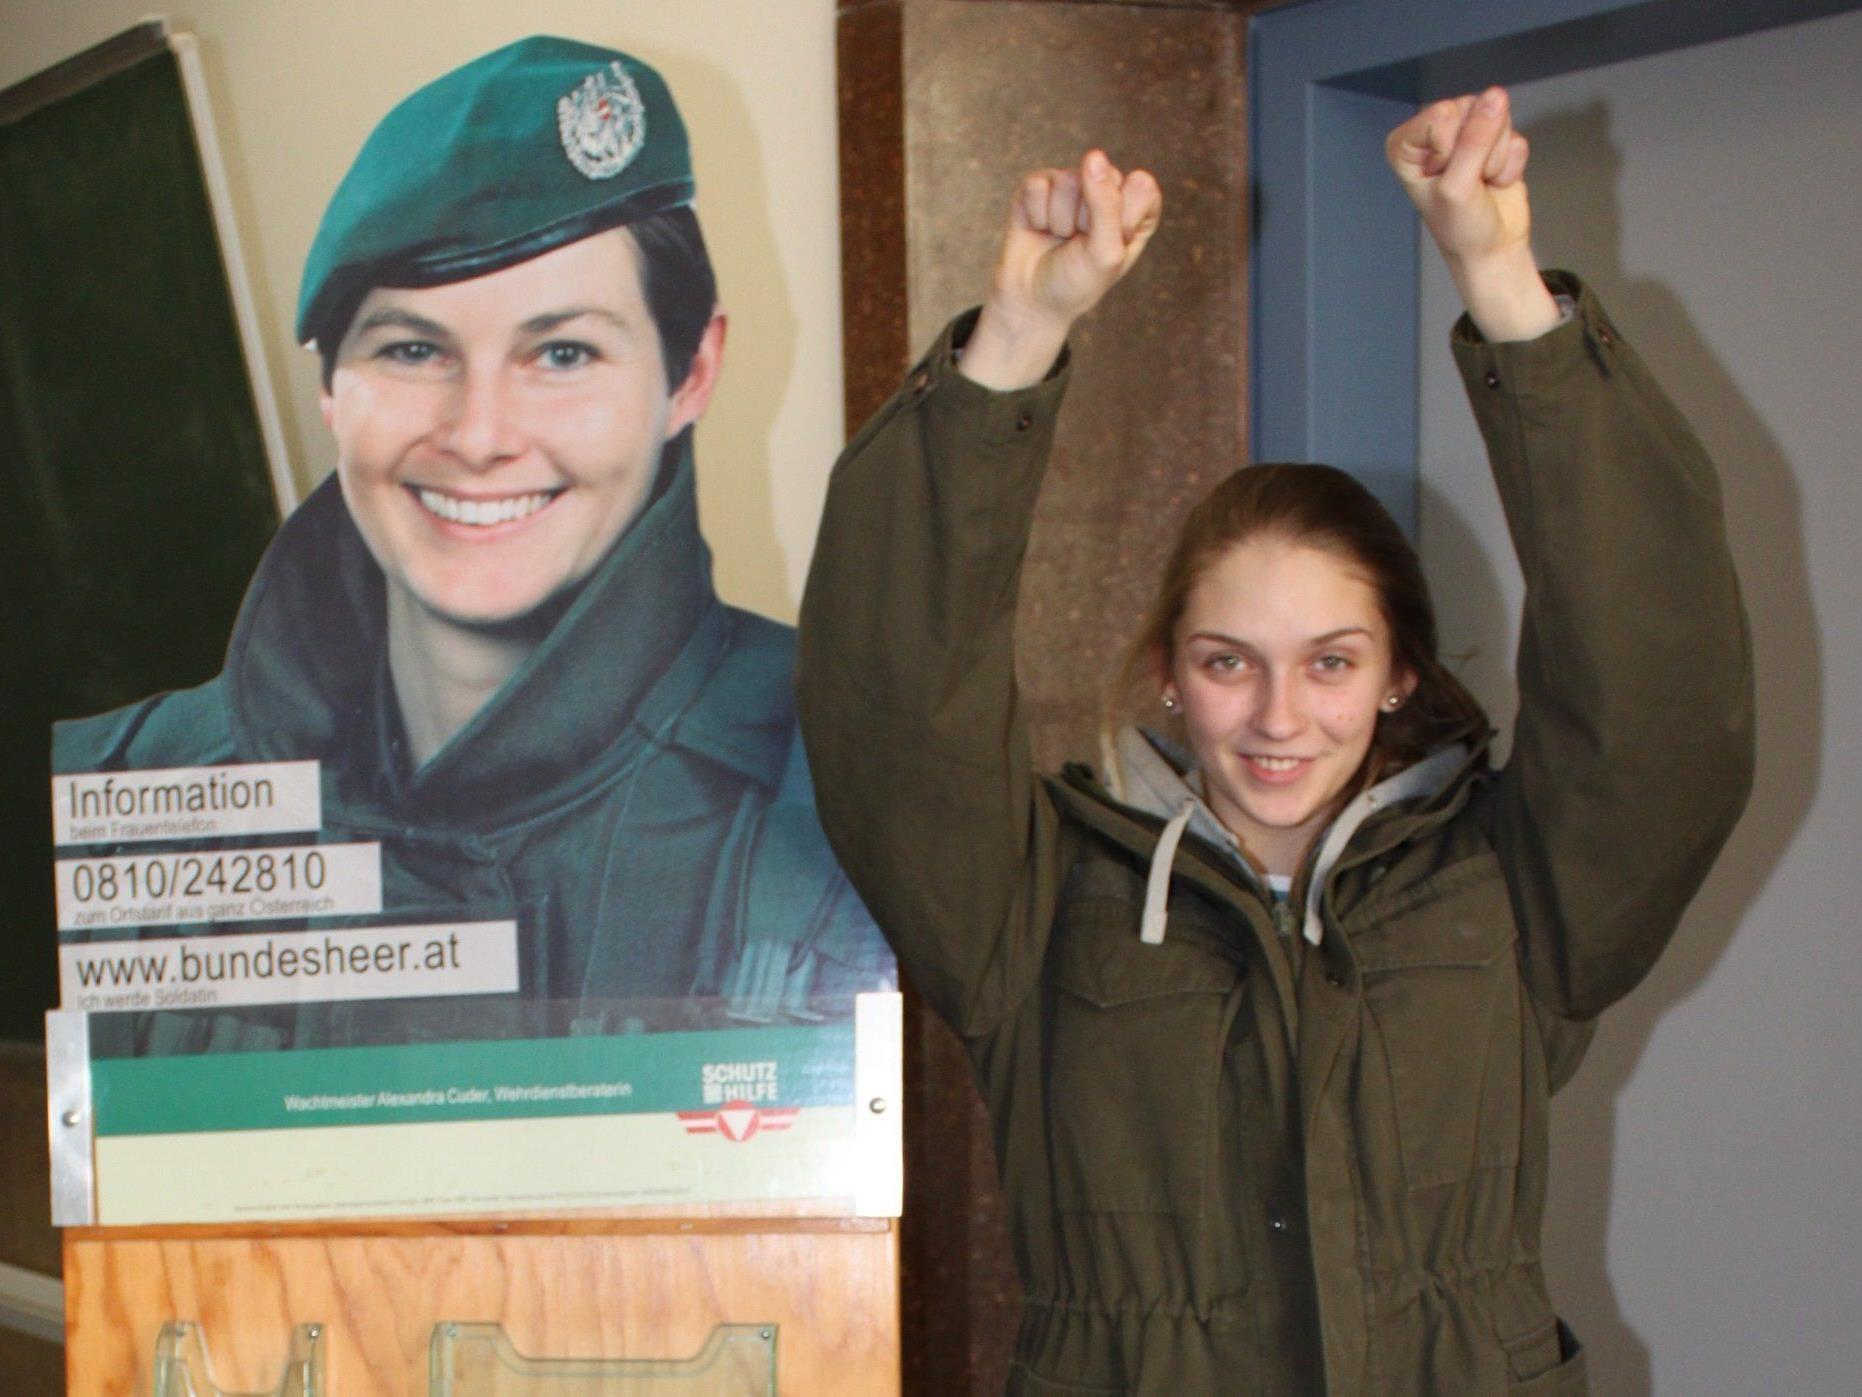 Die 17-jährige Leonie Pfeiffer aus Bürserberg hat sich der Eignungsprüfung fürs Bundesheer erfolgreich gestellt.